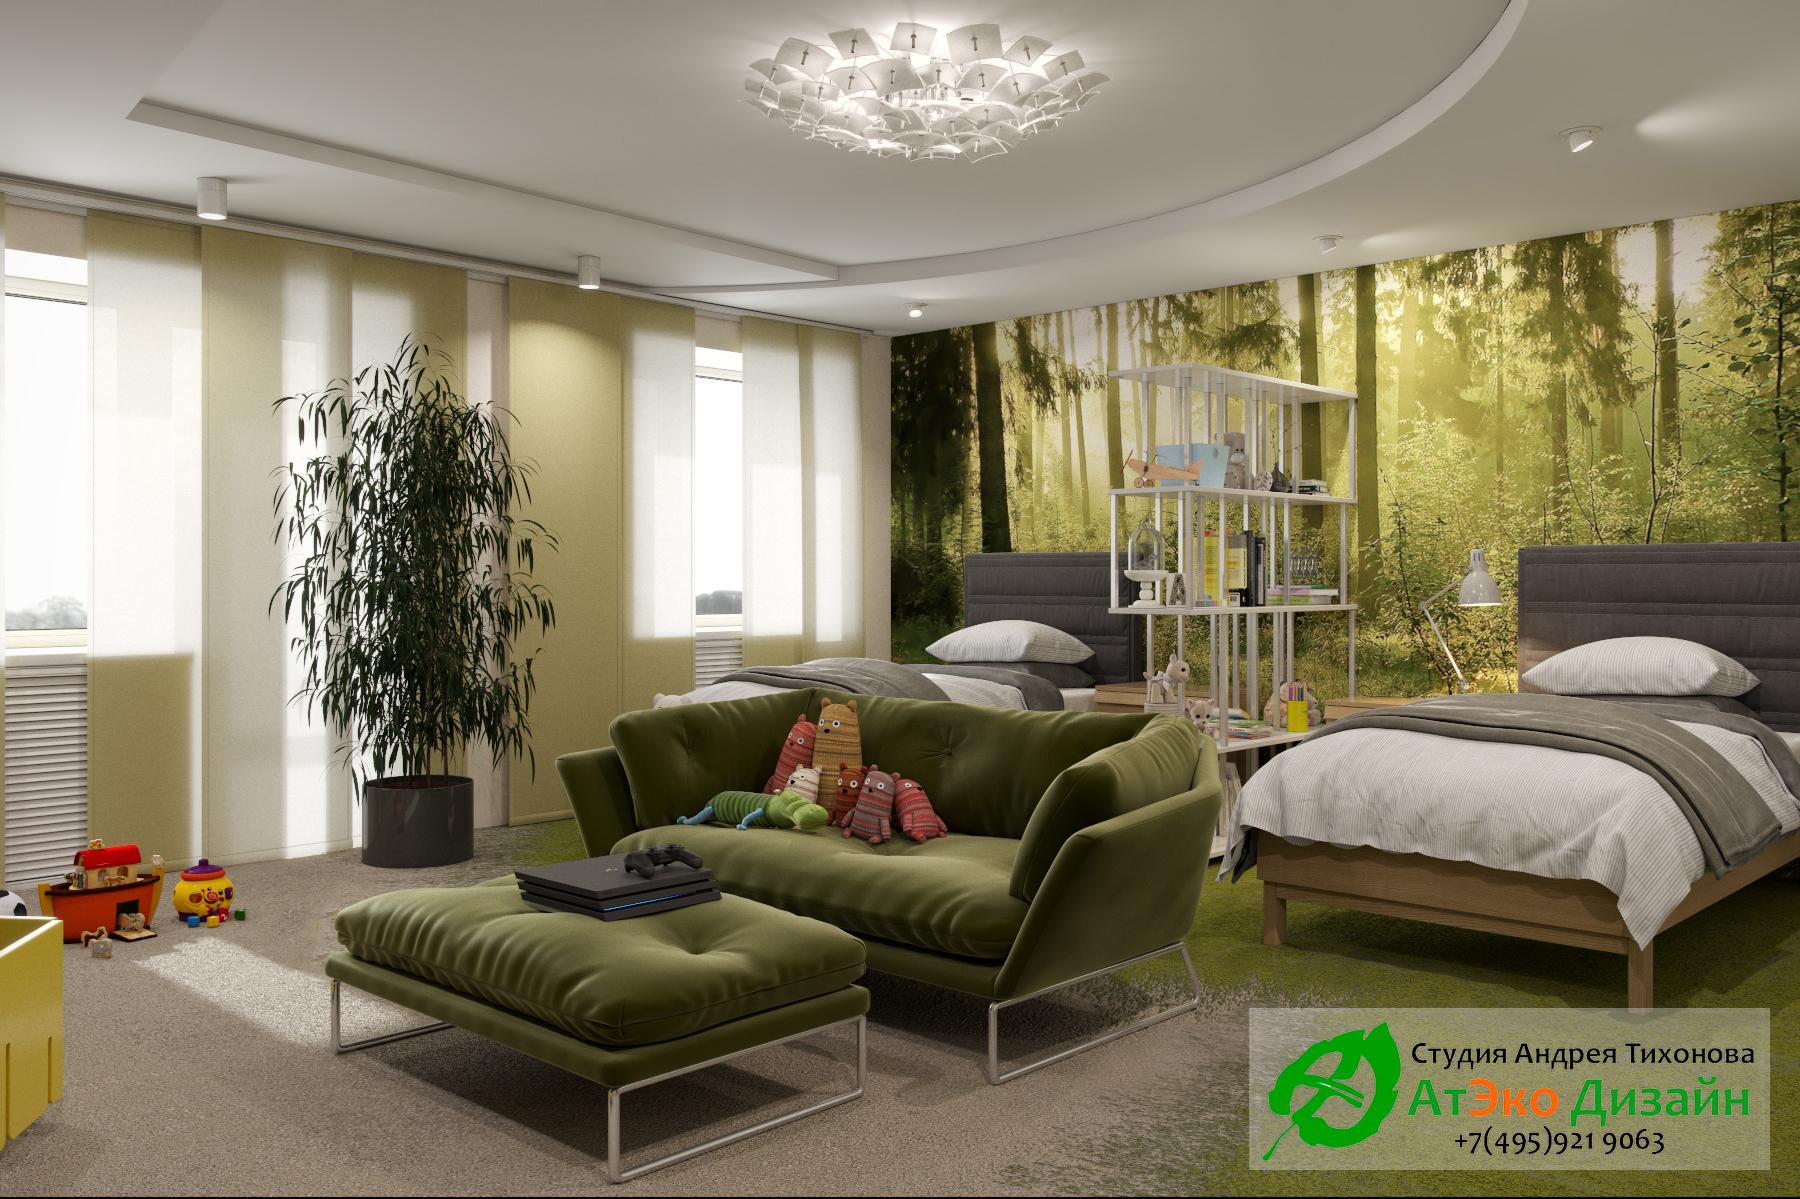 Фото дизайна спальной комнаты и зоны отдыха для детей в апартаментах